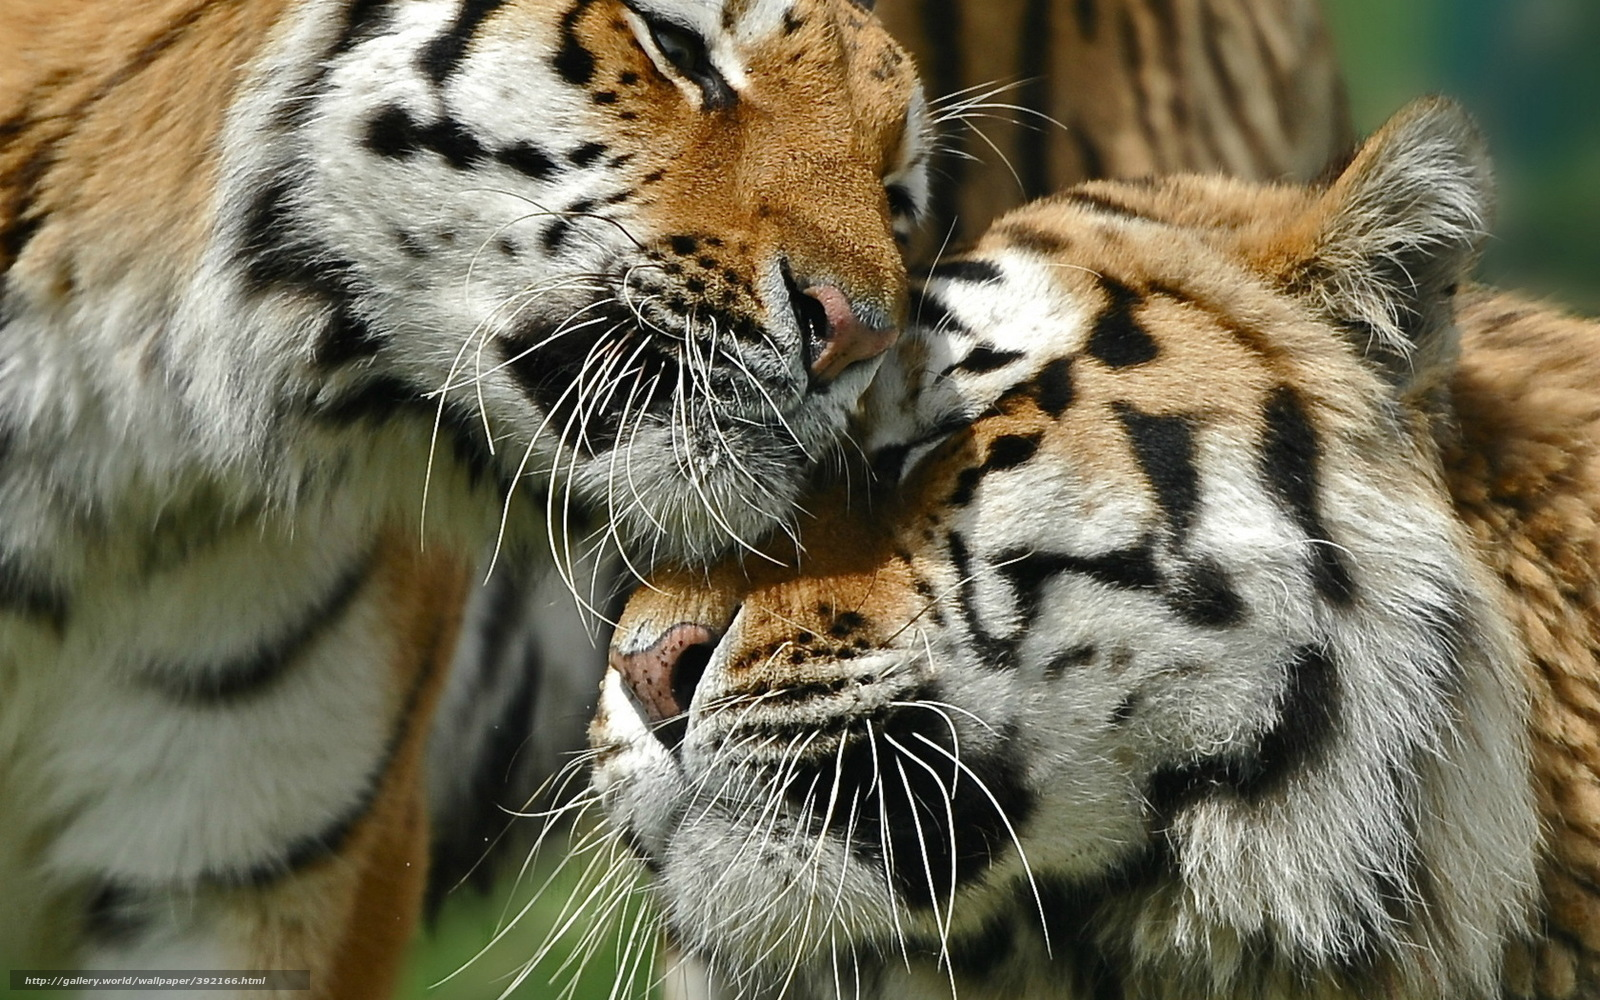 Tlcharger Fond d'ecran tigre, couple, belette Fonds d'ecran gratuits pour votre rsolution du ...